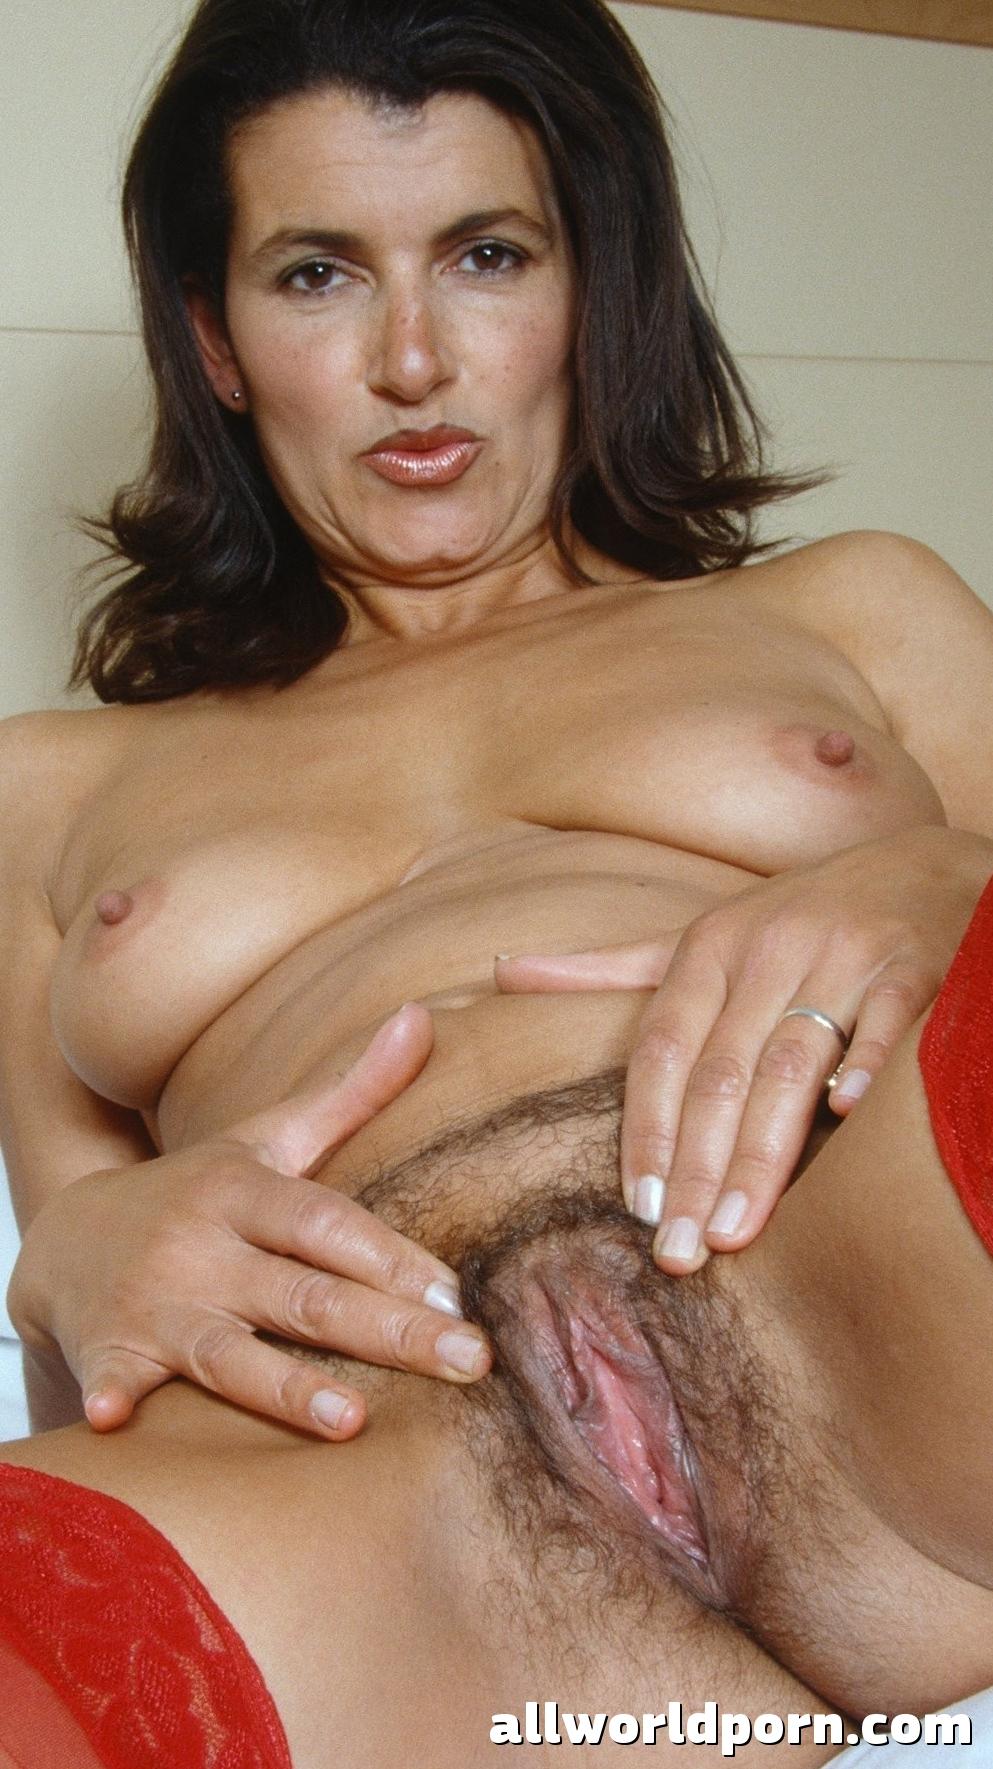 Hot Naked Milf Porn Image 132072